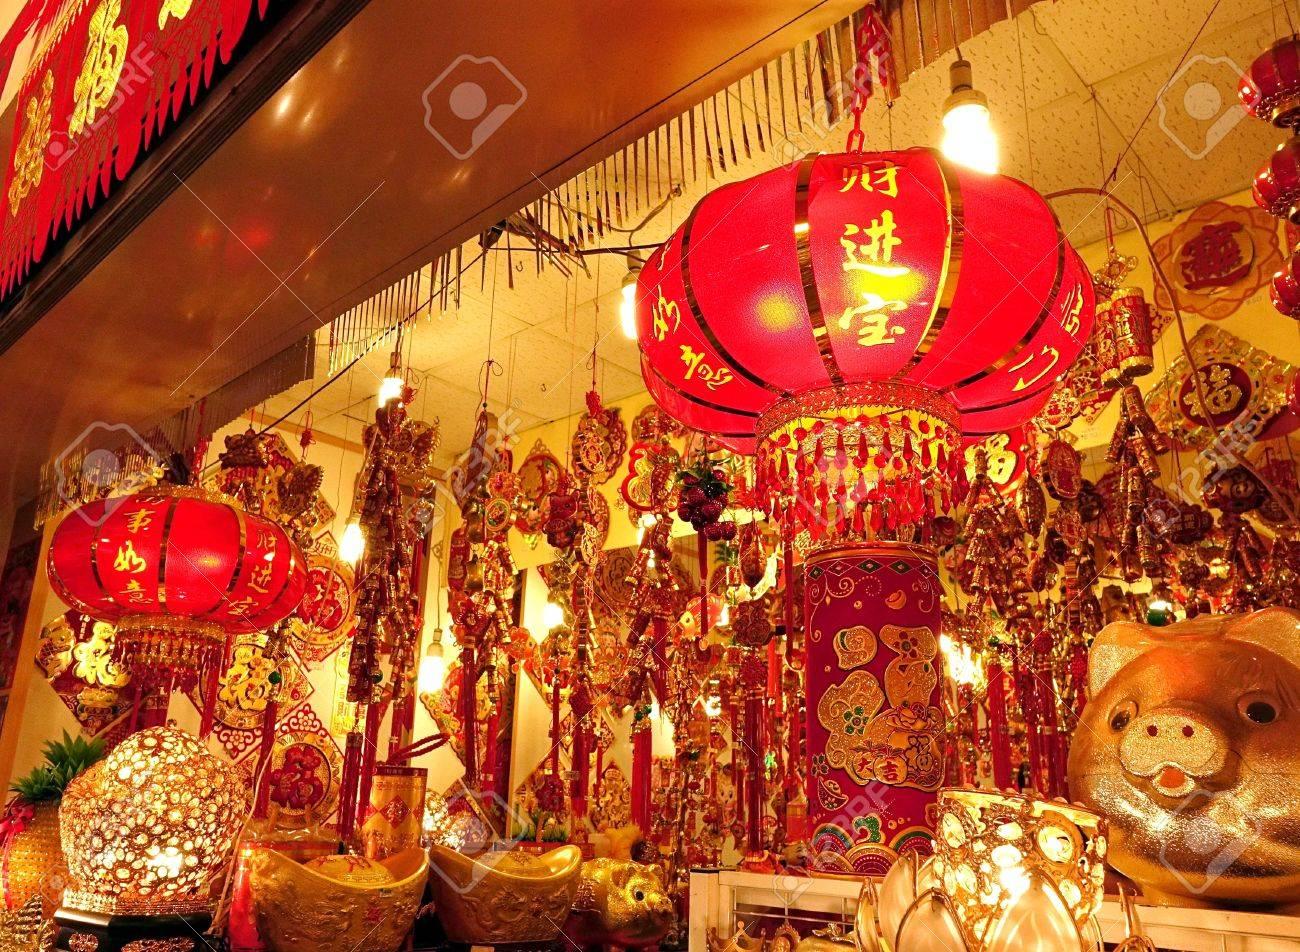 Kaohsiung, Taiwan - 22. Januar 2015: Ein Großes Geschäft Verkauft ...